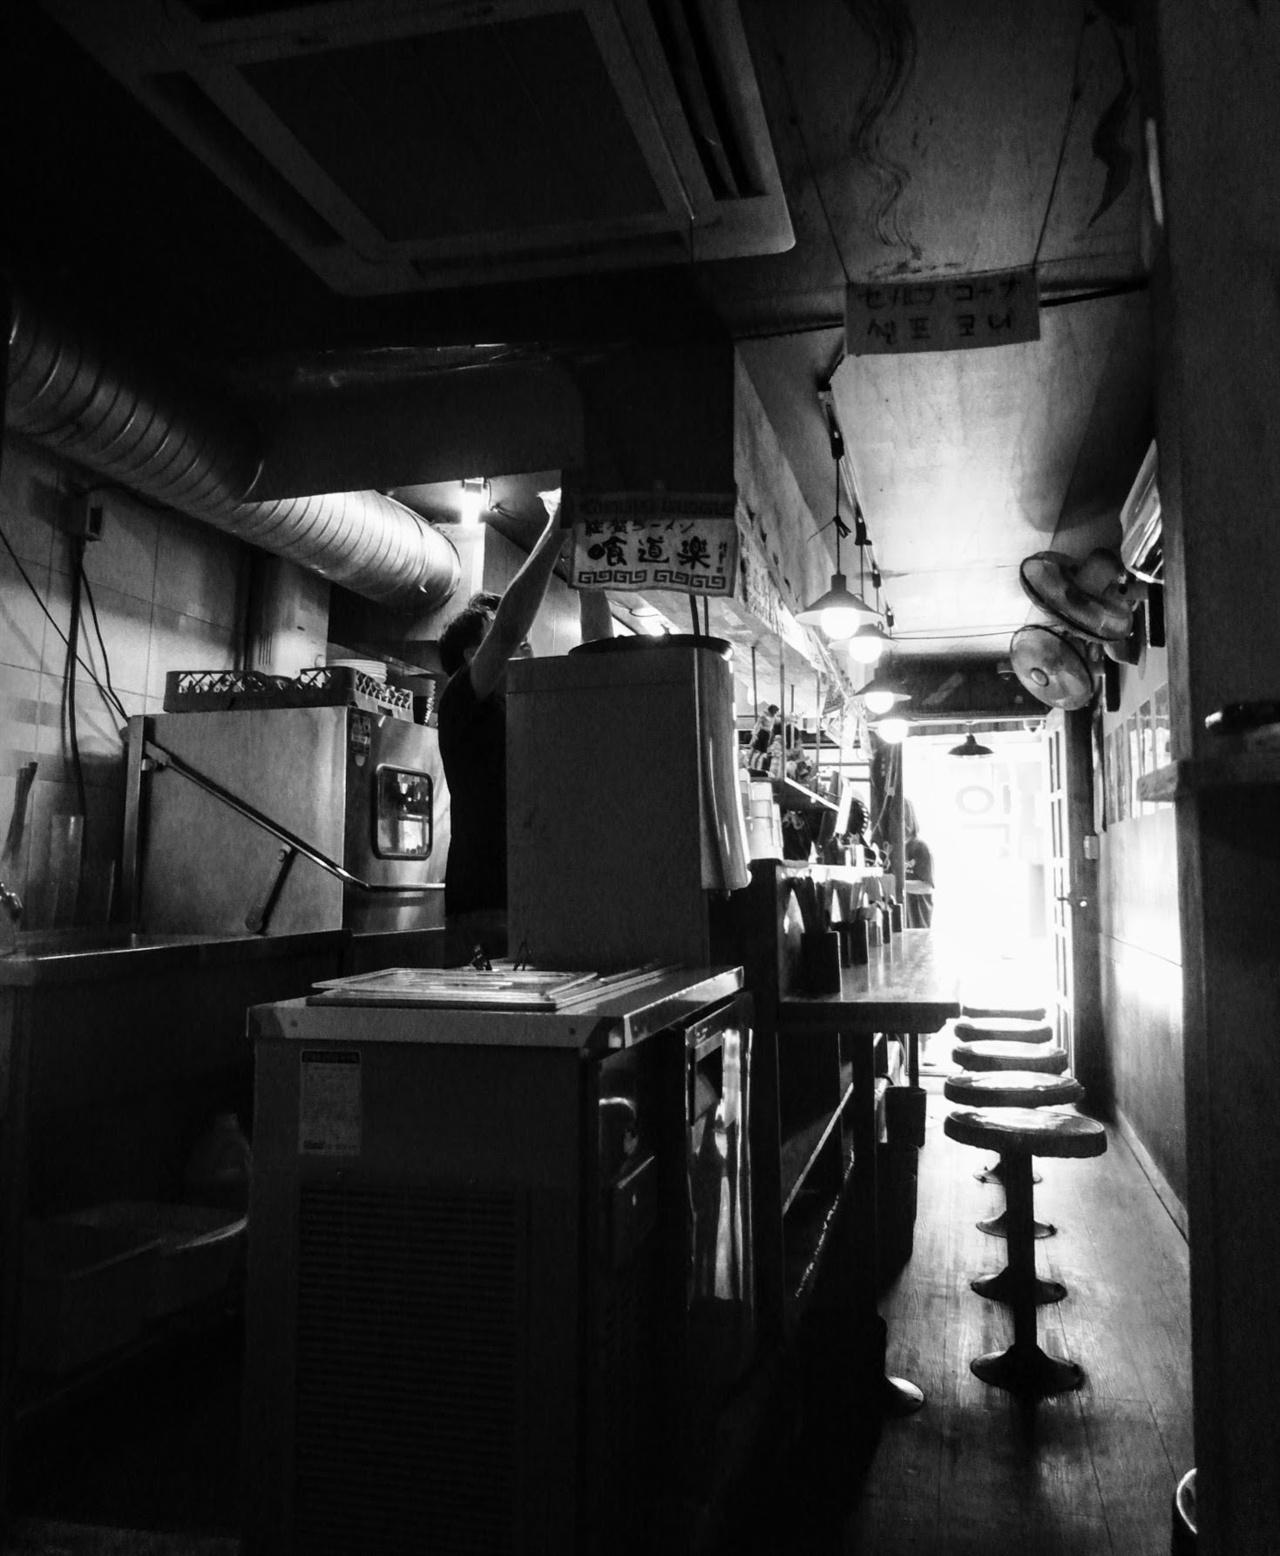 어느 라면집 서울의 어느 도심에서 만난 라면집으로, 가게가 앞뒤로 길쭉하게 형성되어 있다. 임대료가 비싼 상황에서 나타나는 현상이다.